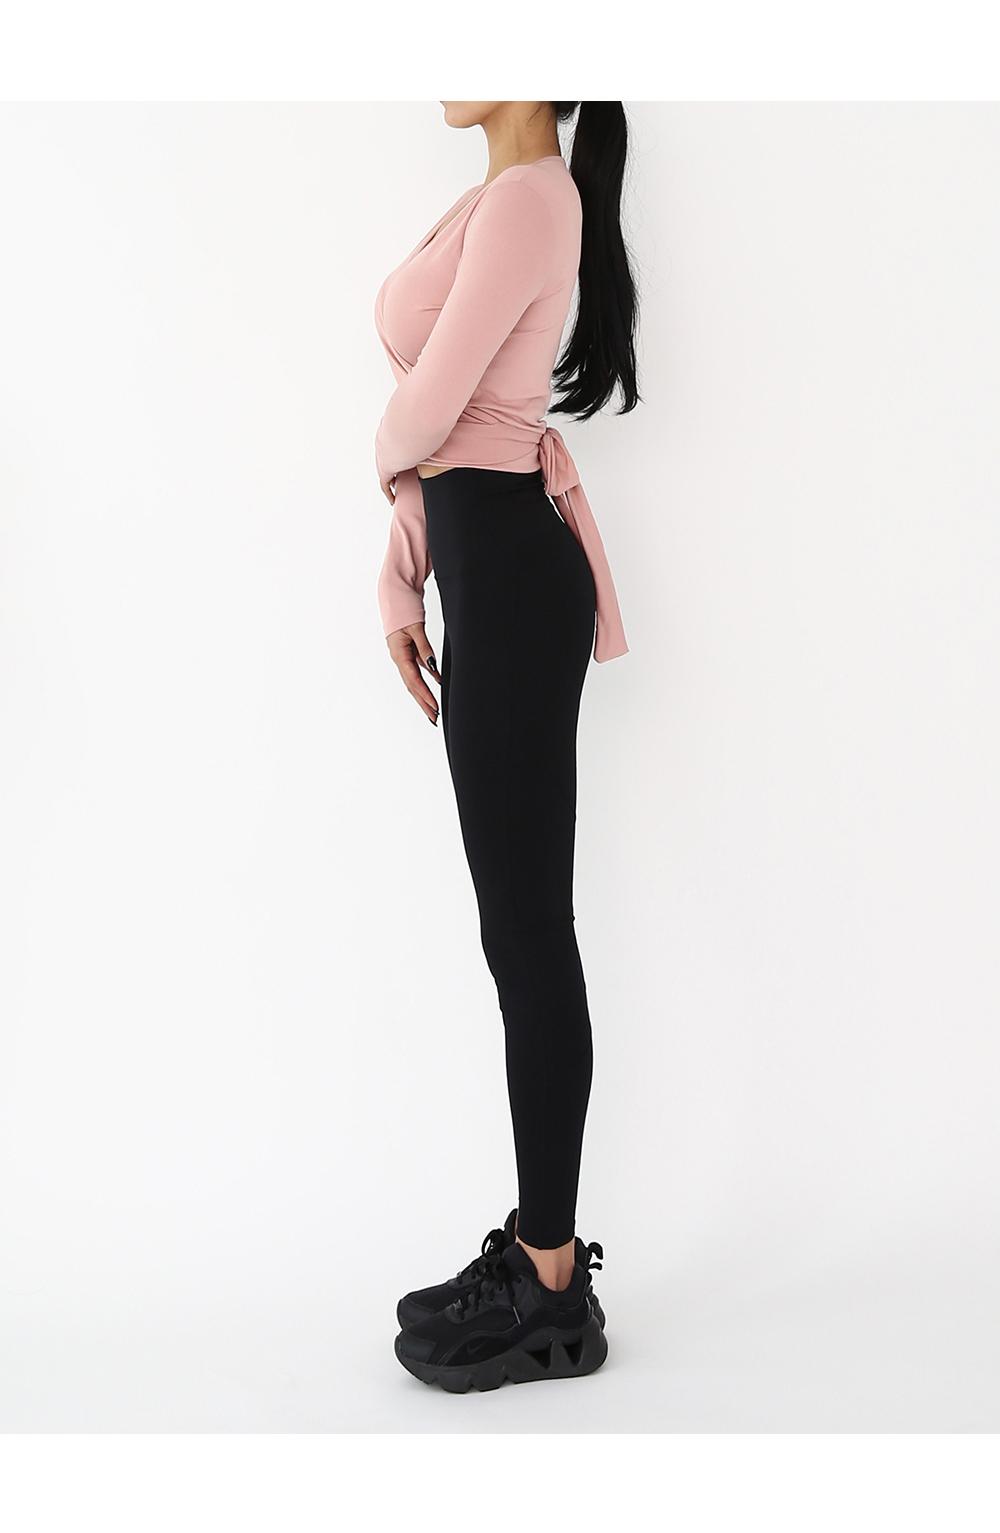 連衣裙模特穿著形象 - S1L10